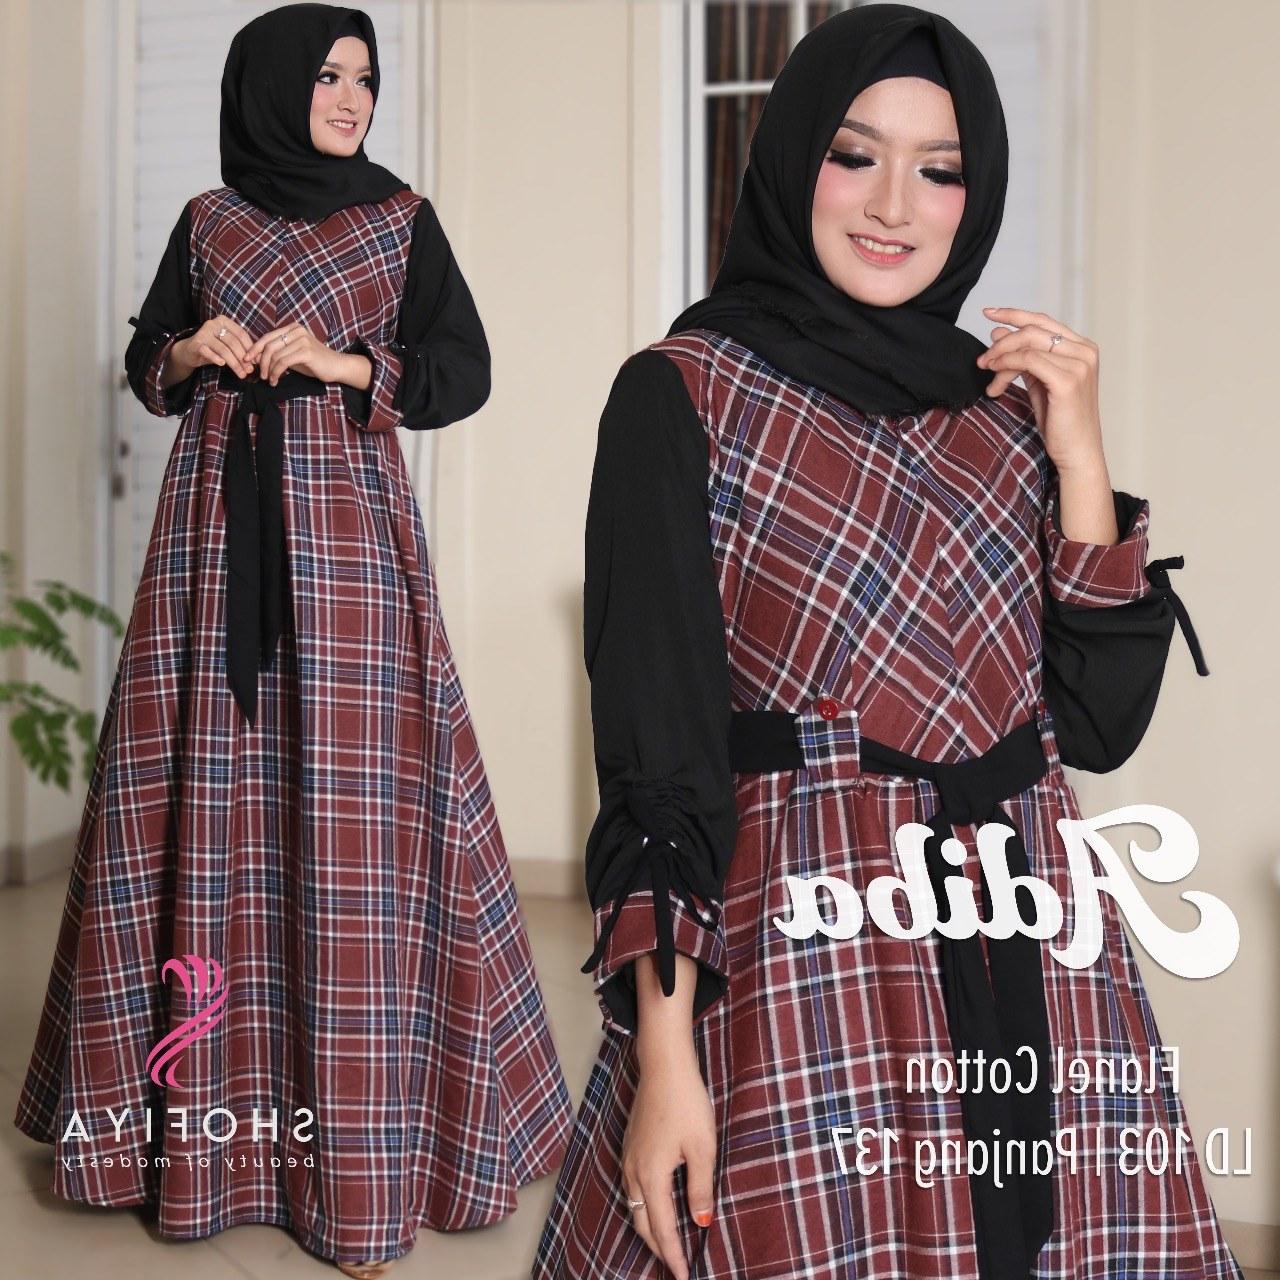 Ide Model Baju Lebaran Th Ini Gdd0 Baju Gamis Terbaru Lebaran Wa 0811 5131 482